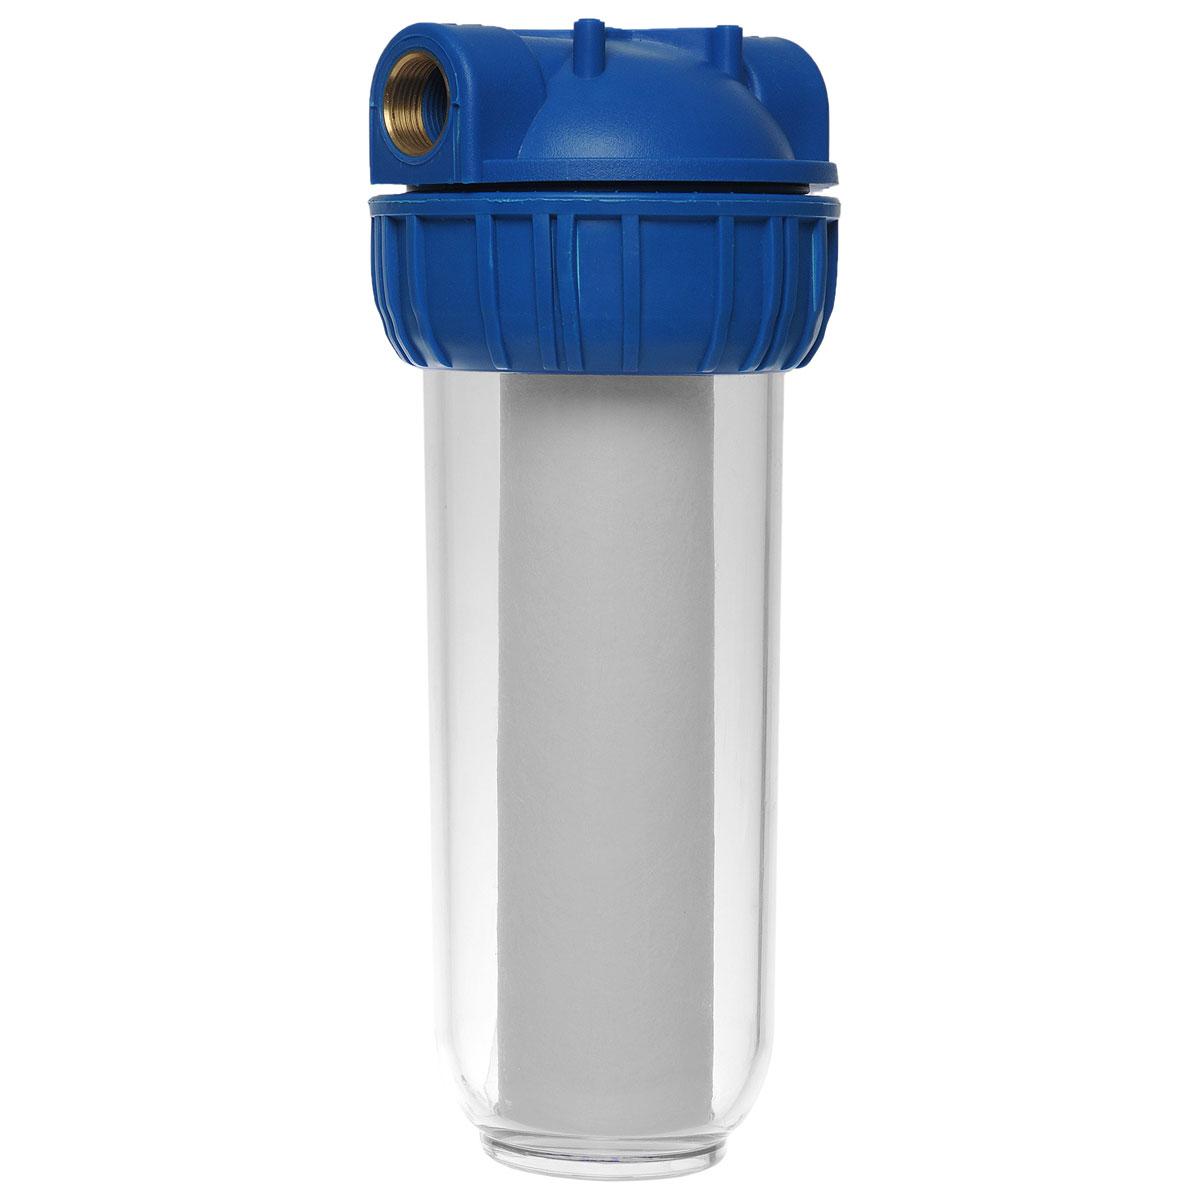 Фильтр для воды ЭкоДоктор 1Л, 3/4111010Фильтр ЭкоДоктор предназначен для тонкой очистки воды от механических частиц, удаления песка, ржавчины и улучшения показателей мутности и цветности воды. Он имеет увеличенный ресурс и степень очистки. Собран из импортных высококачественных комплектующих. Колба имеет прозрачный корпус из прочного пластика и одинарное уплотнительное кольцо. В комплект фильтра входят колба, картридж, кронштейн для крепления на стену, ключ для замены картриджей, инструкция по эксплуатации.